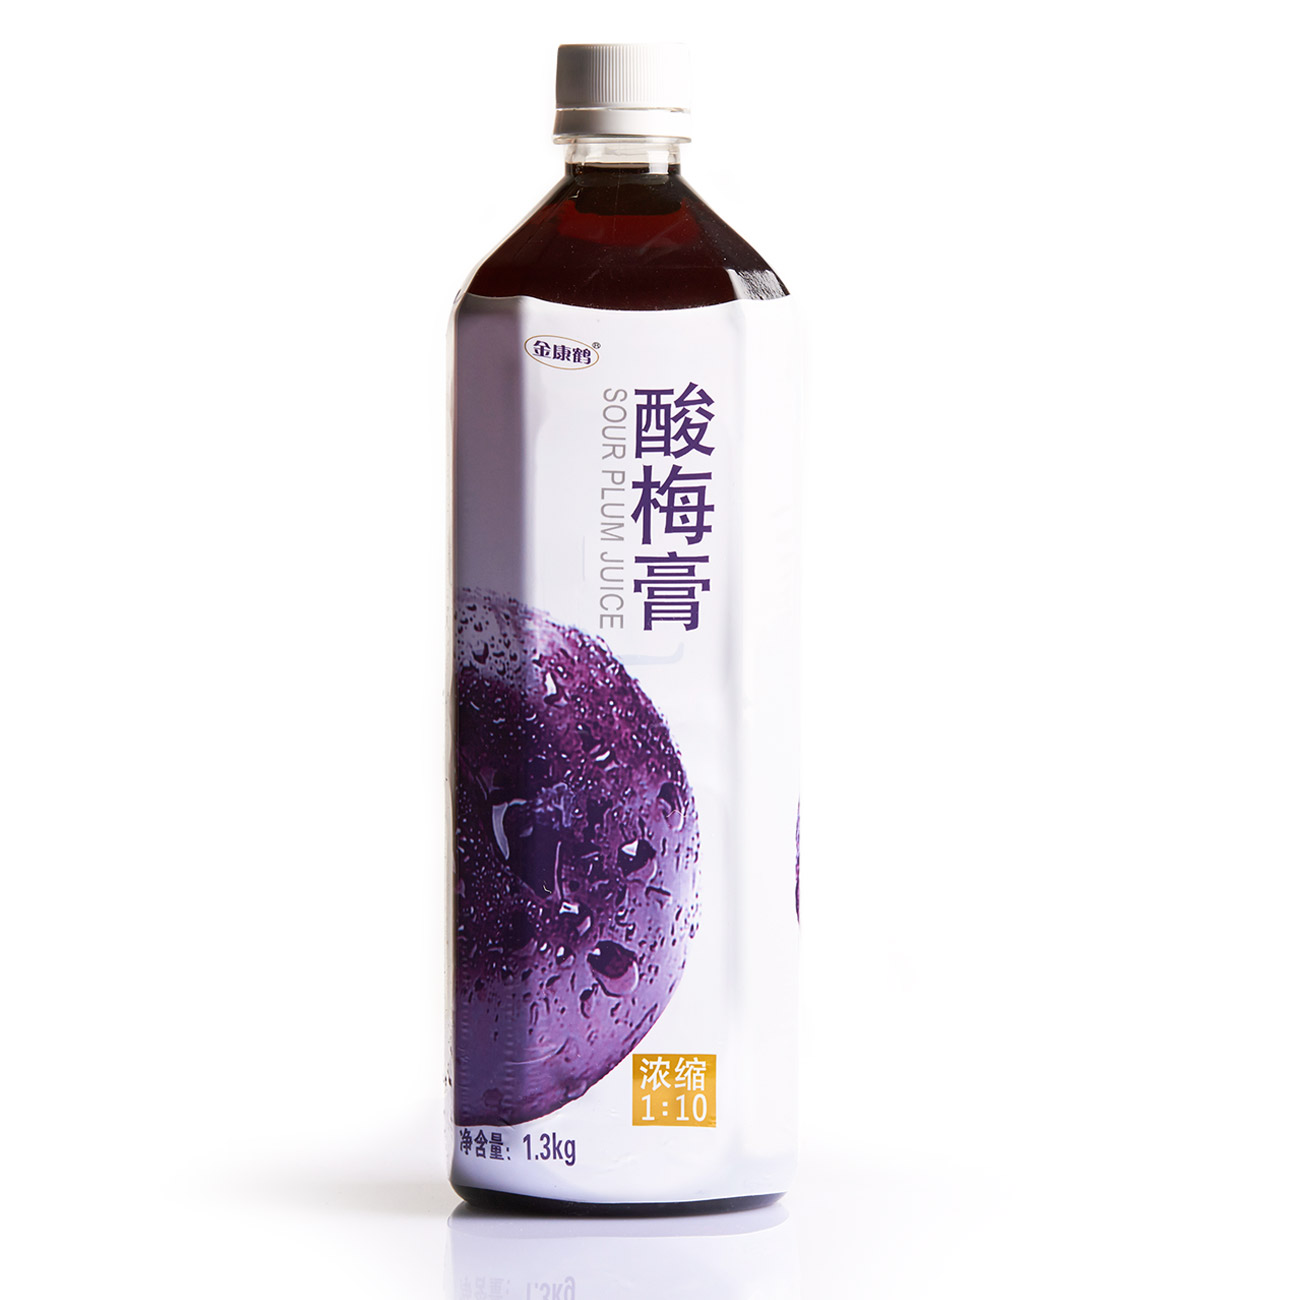 金康鶴酸梅膏1.3公斤X2瓶 濃縮酸梅湯汁1:10 烏梅汁酸梅膏原料